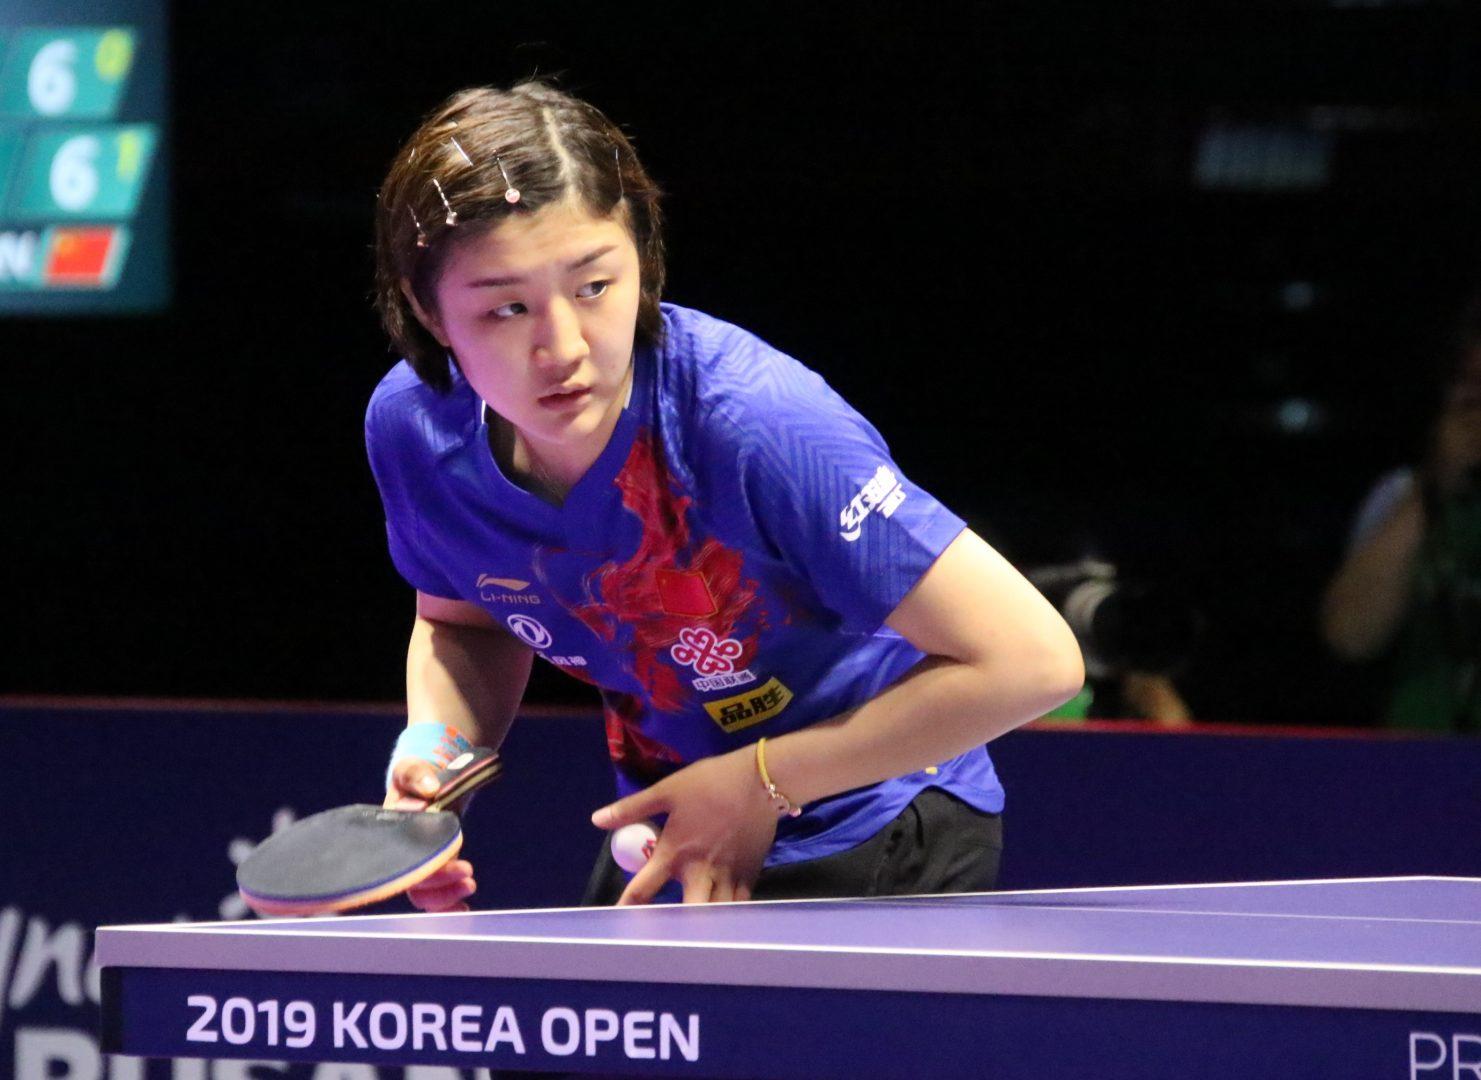 丁寧と陳夢が決勝進出 先輩の意地を見せ中国対決を制す<韓国オープン>